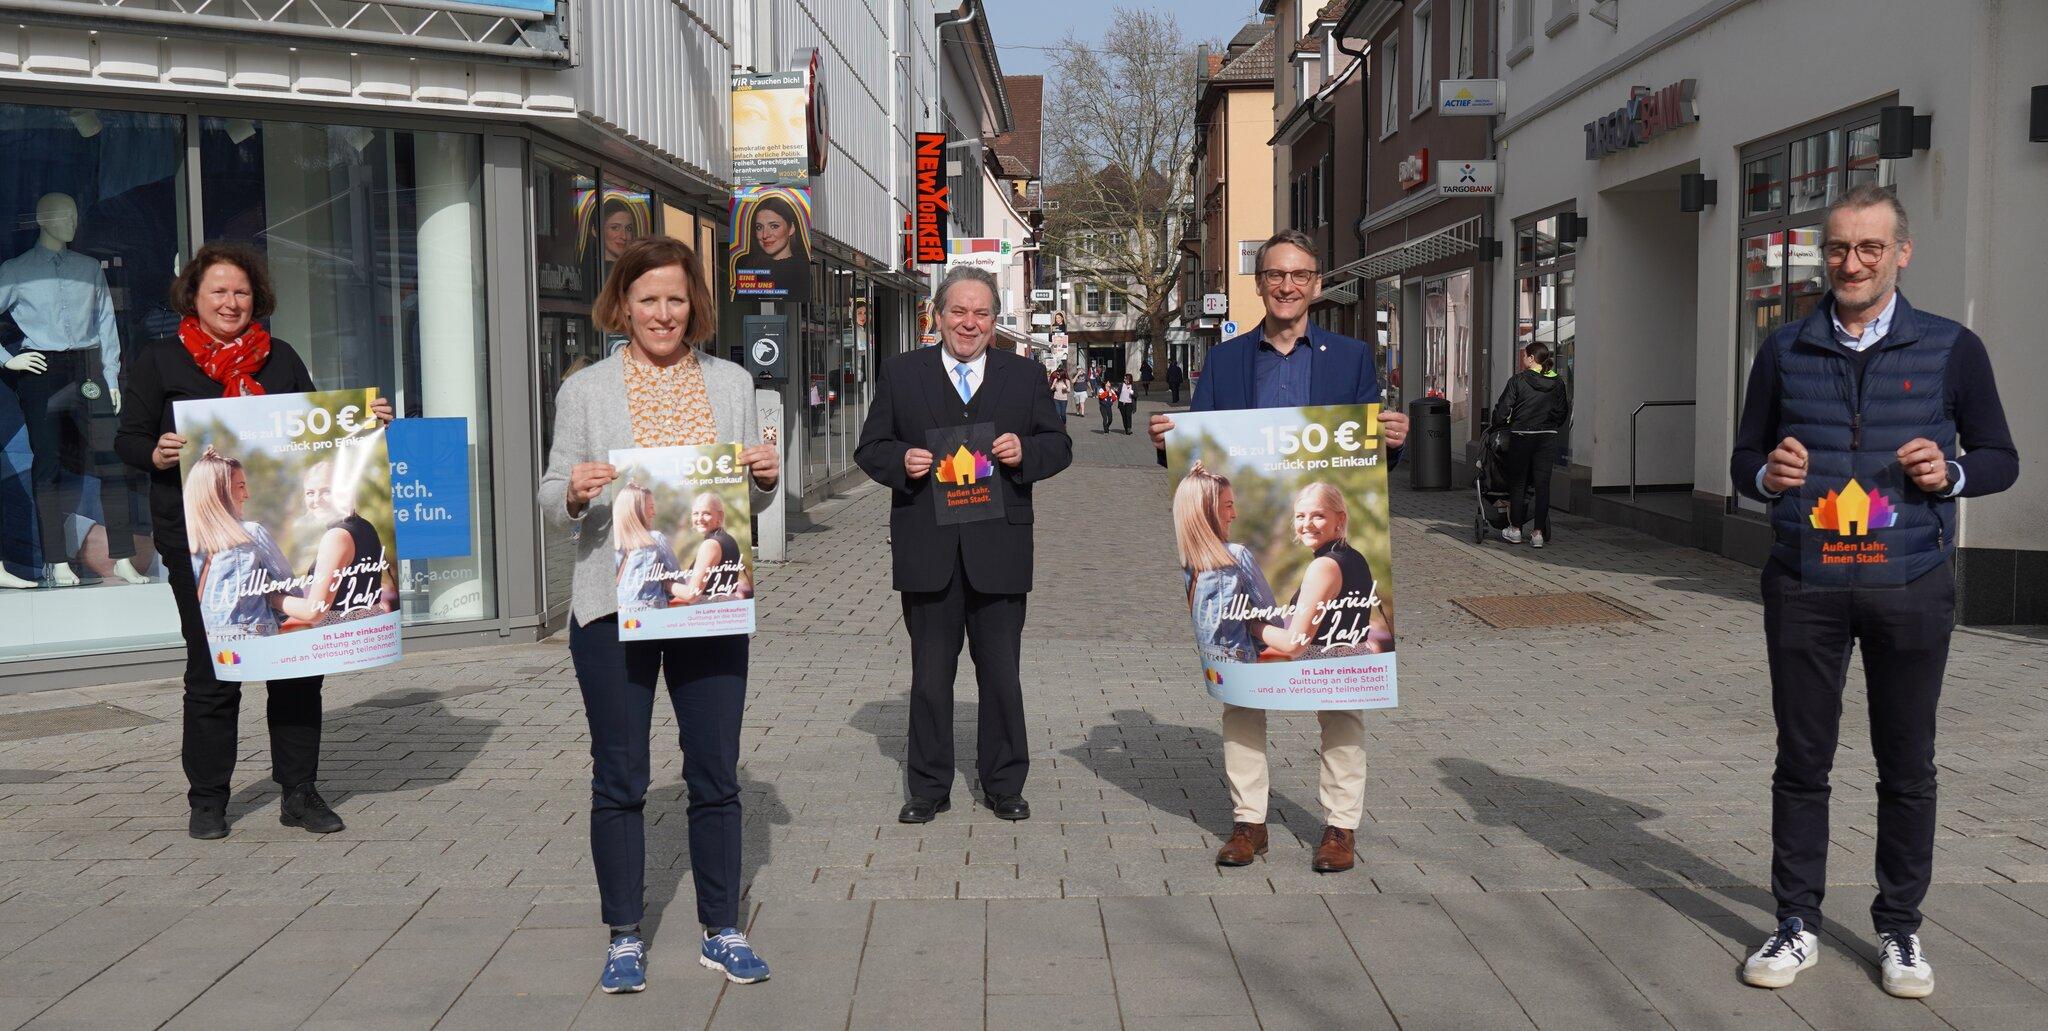 Gewinnspiel Willkommen zurück in Lahr-Pressefoto-by Stadt Lahr2021